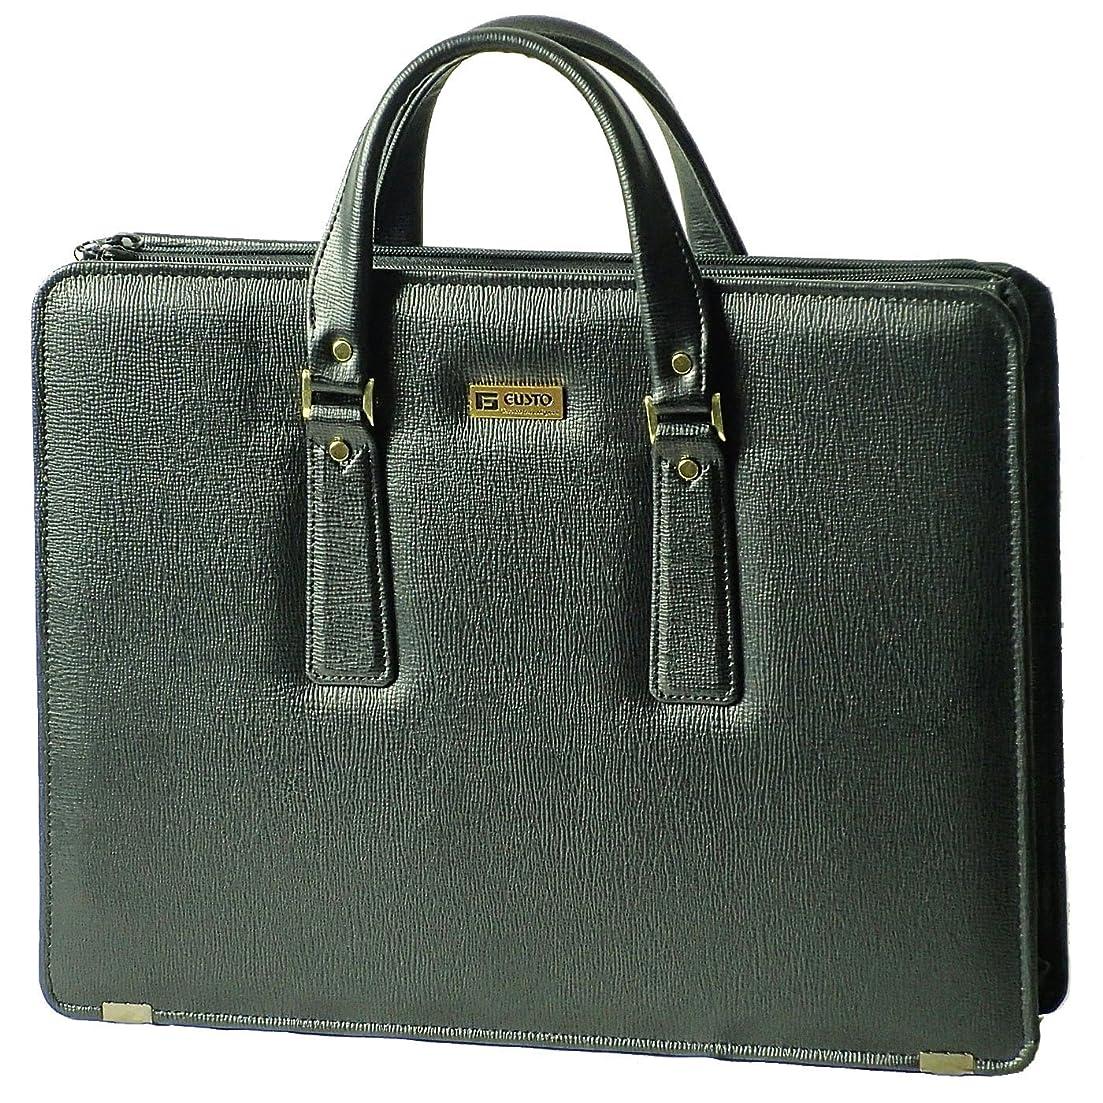 ツーリストこんにちは電子レンジ(ガスト)GUSTO ビジネスバッグ ブリーフケース 銀行かばん 日本製 B4 42cm 22026